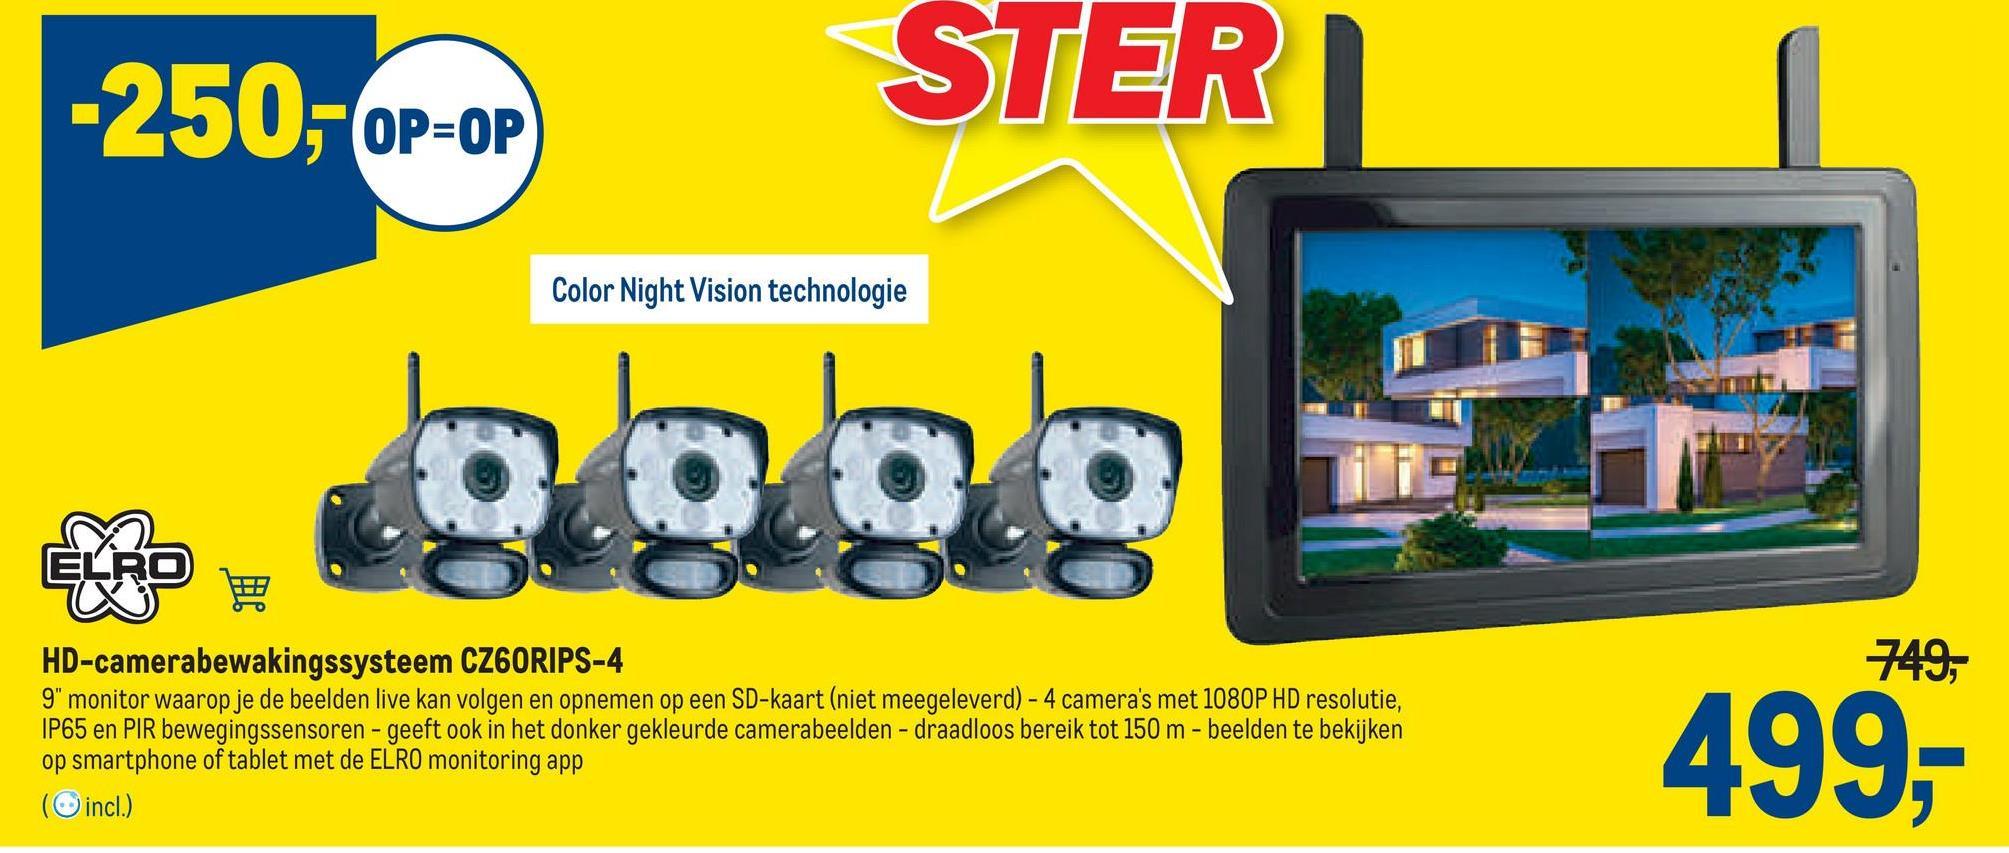 """-250,- OP=OP STER Color Night Vision technologie blo.bg ELRO 749, HD-camerabewakingssysteem CZ6ORIPS-4 9"""" monitor waarop je de beelden live kan volgen en opnemen op een SD-kaart (niet meegeleverd) - 4 camera's met 1080P HD resolutie, IP65 en PIR bewegingssensoren - geeft ook in het donker gekleurde camerabeelden - draadloos bereik tot 150 m - beelden te bekijken op smartphone of tablet met de ELRO monitoring app (incl.) 499,"""